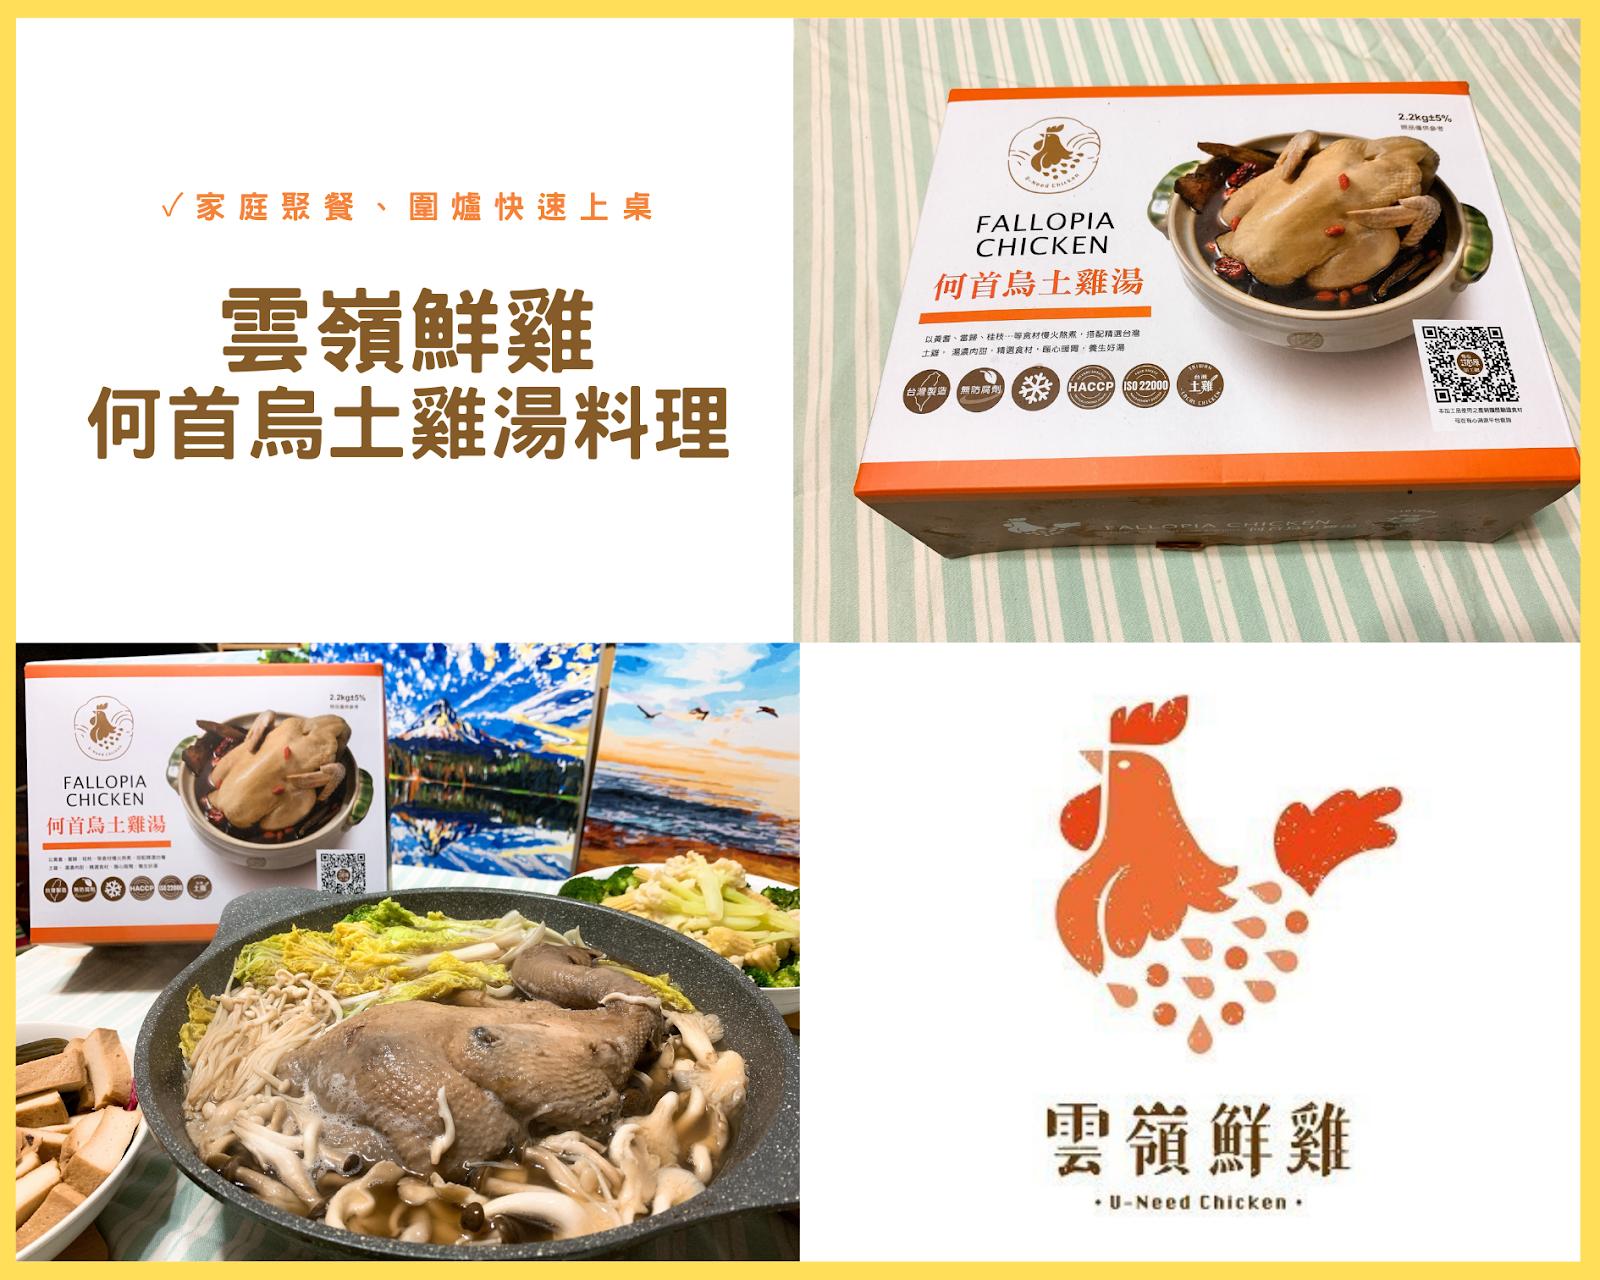 雲嶺鮮雞-何首烏土雞湯料理體驗|✓家庭聚餐、圍爐快速上桌_ (同場加映穎媽私房家常菜分享!)